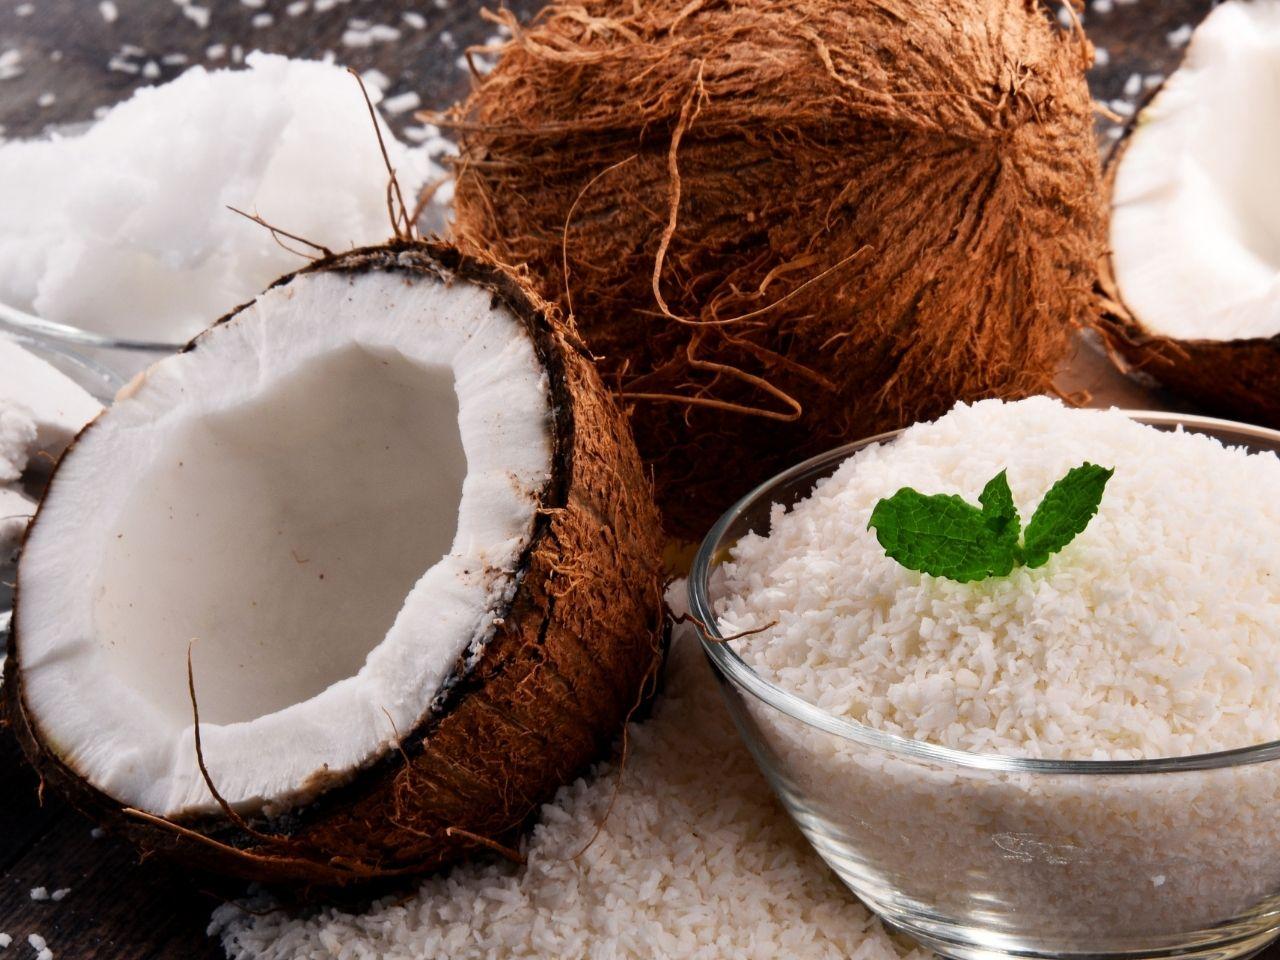 schlafsystem kokosfasern